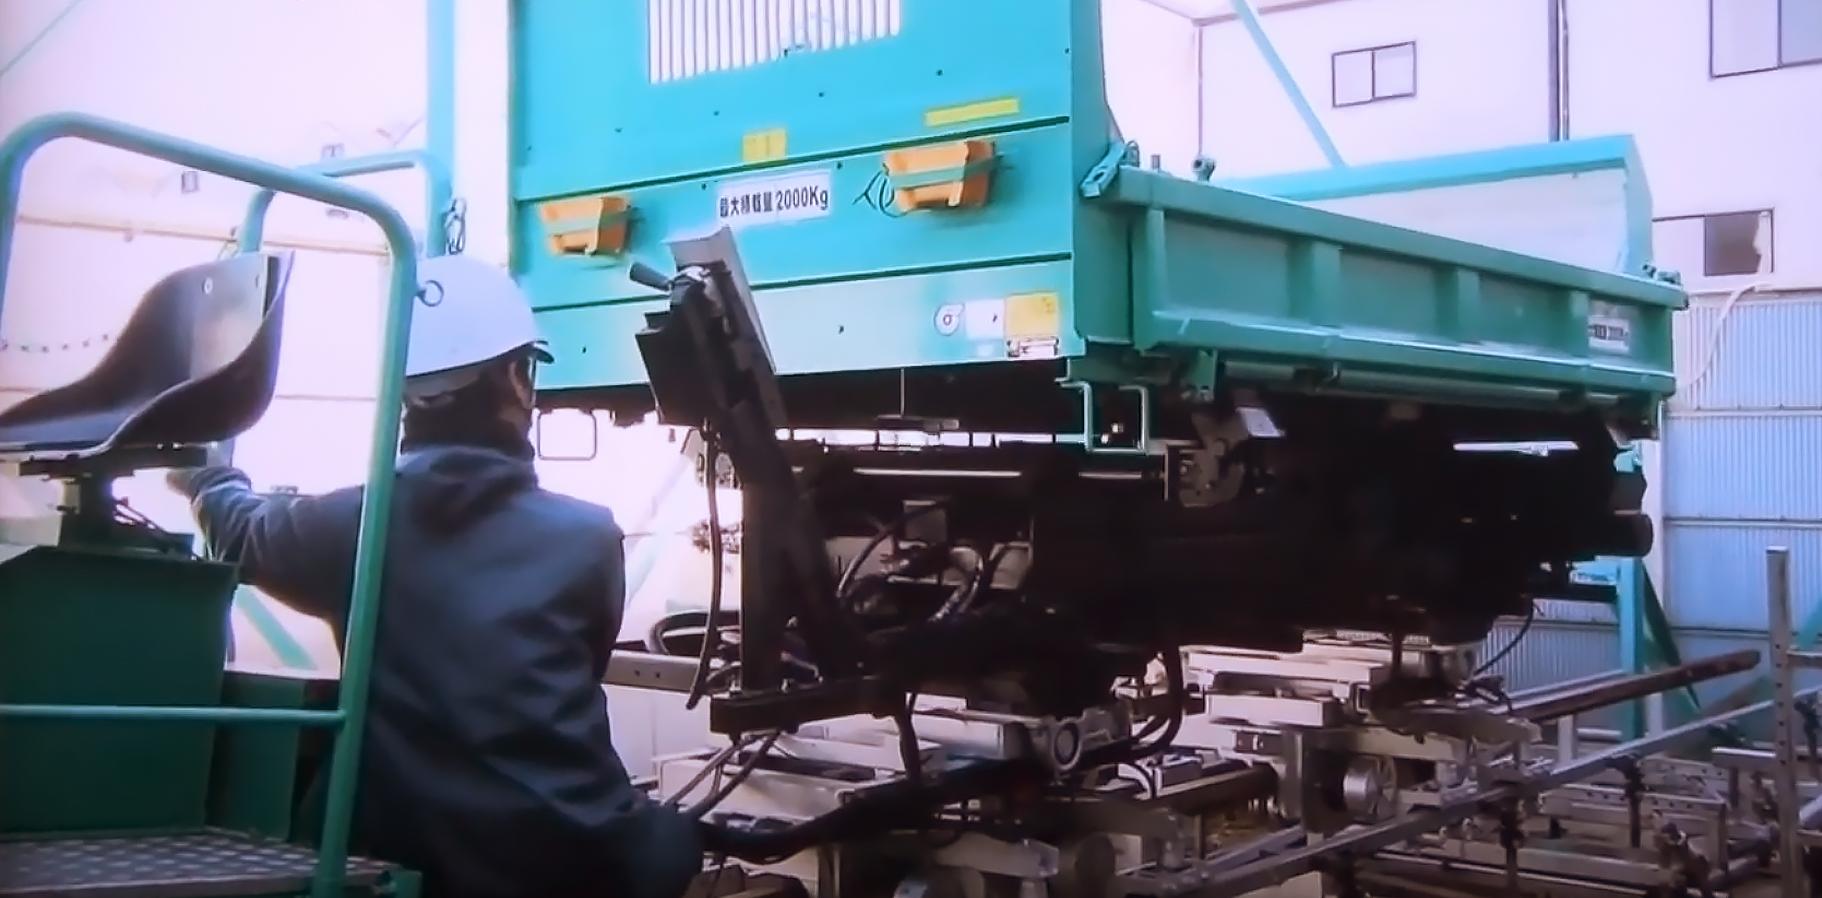 工事用大型モノレールのテストコースで動作確認と品質検査